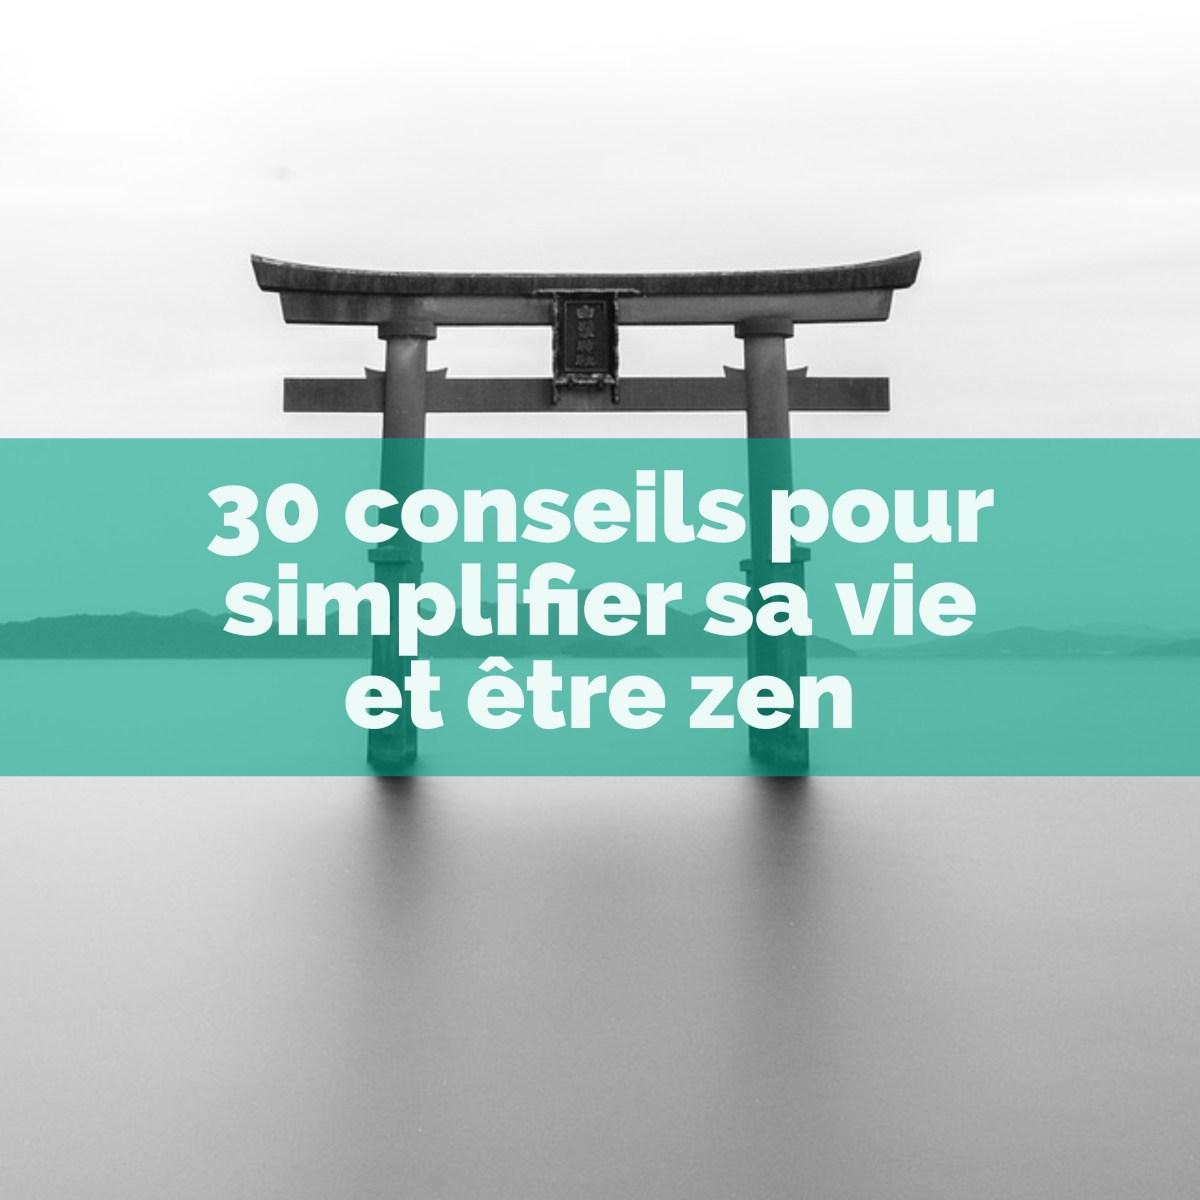 30 conseils pour simplifier sa vie et être zen